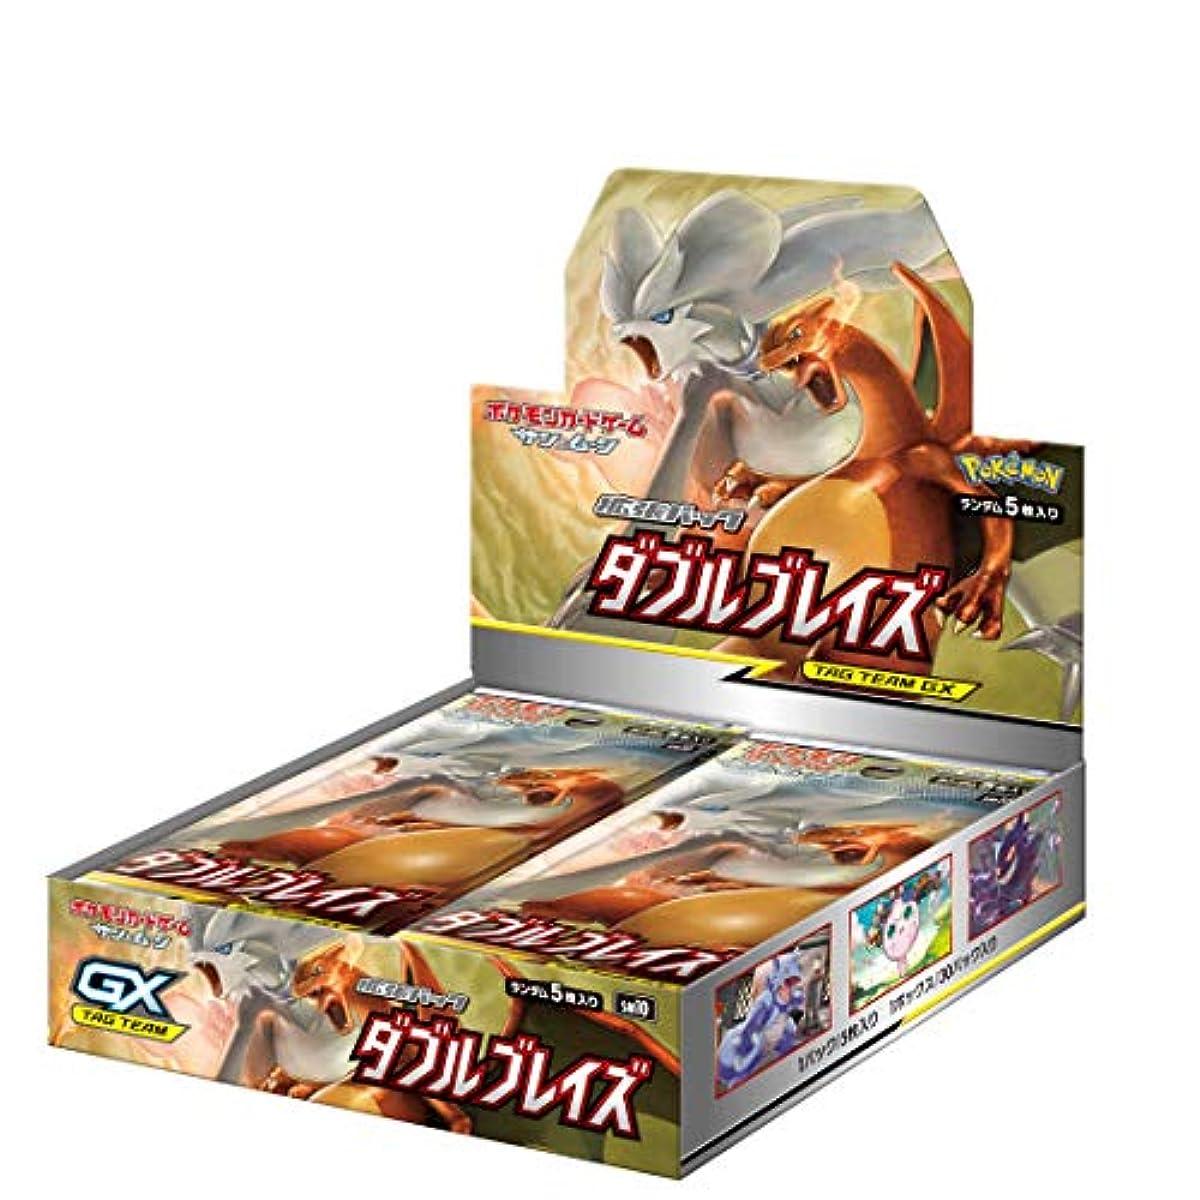 [해외] 포켓몬 카드 게임 산&문 확장 팩「 더블 블레이즈」 BOX